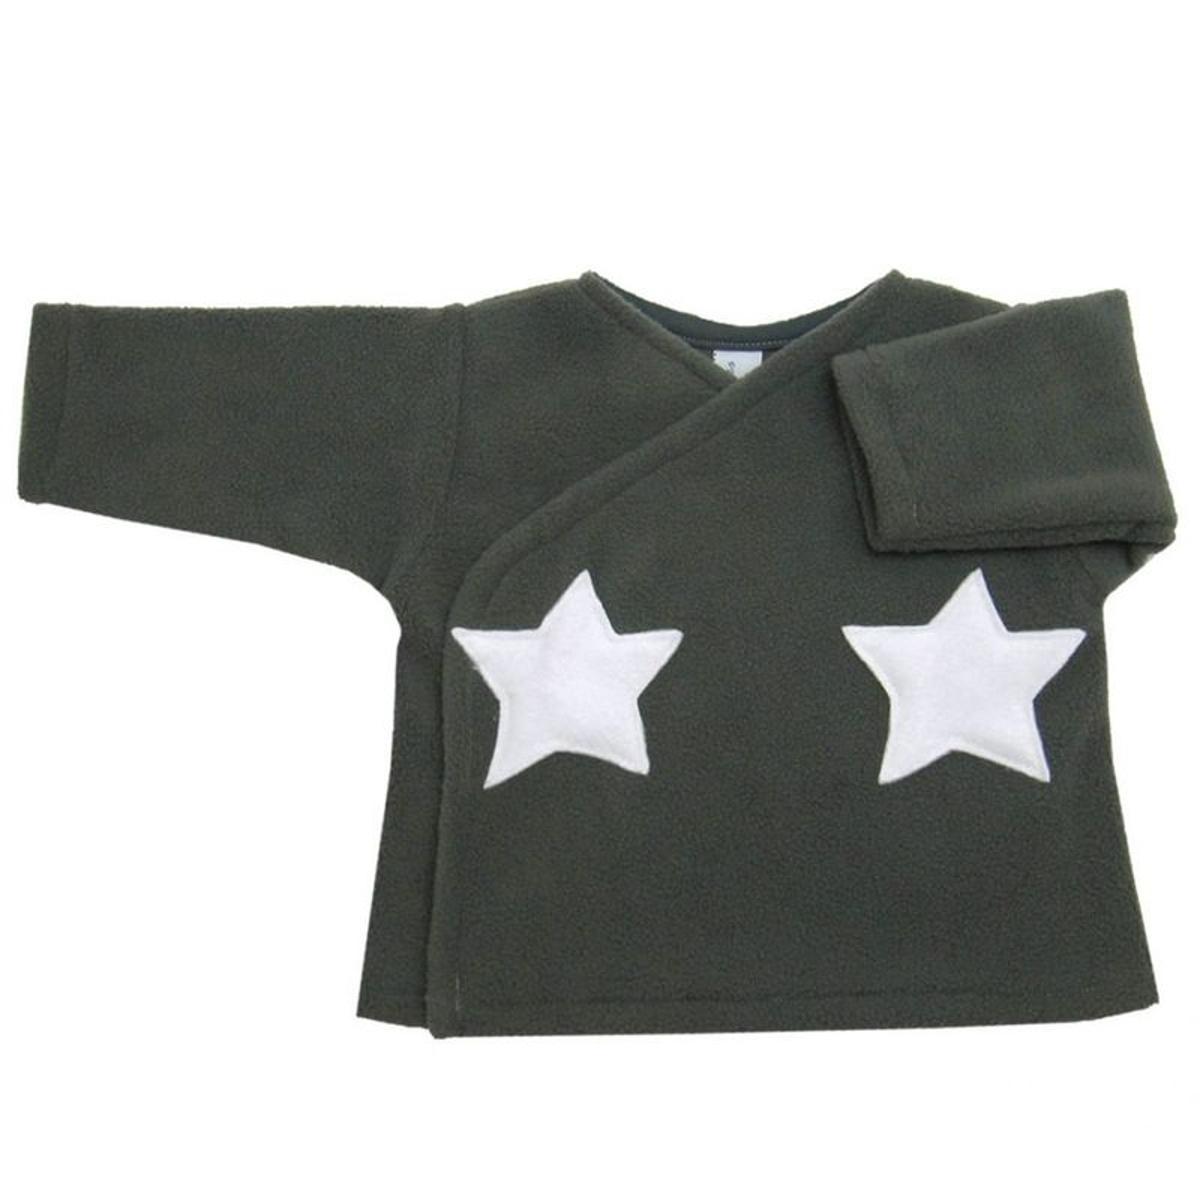 Gilet brassière étoiles appliquées Made in France